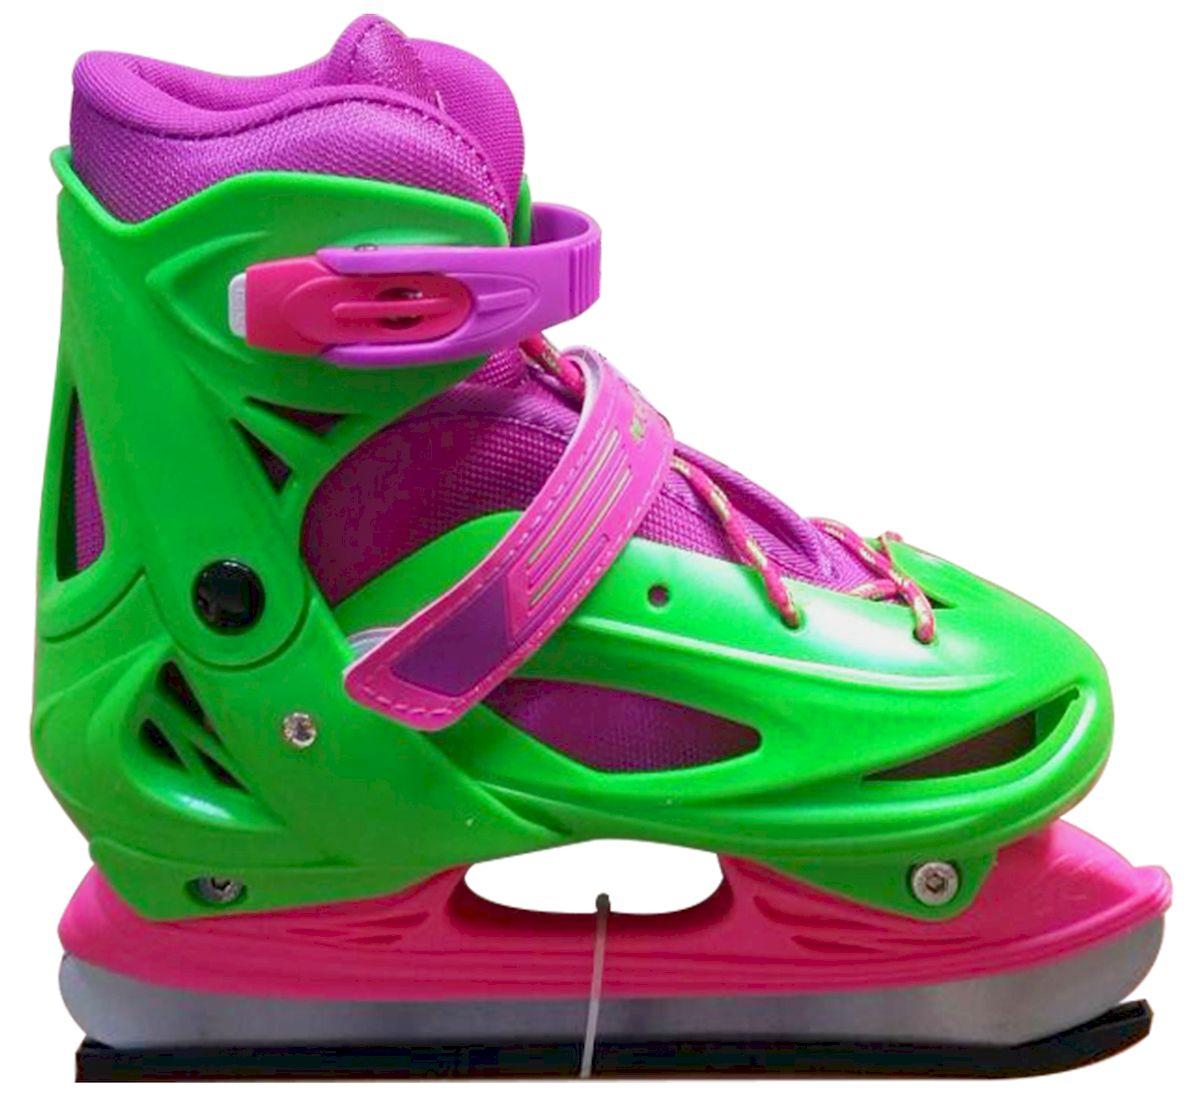 Коньки ледовые Ice Blade Sophie, раздвижные, цвет: розовый, зеленый. УТ-00009126. Размер XS (26/29)